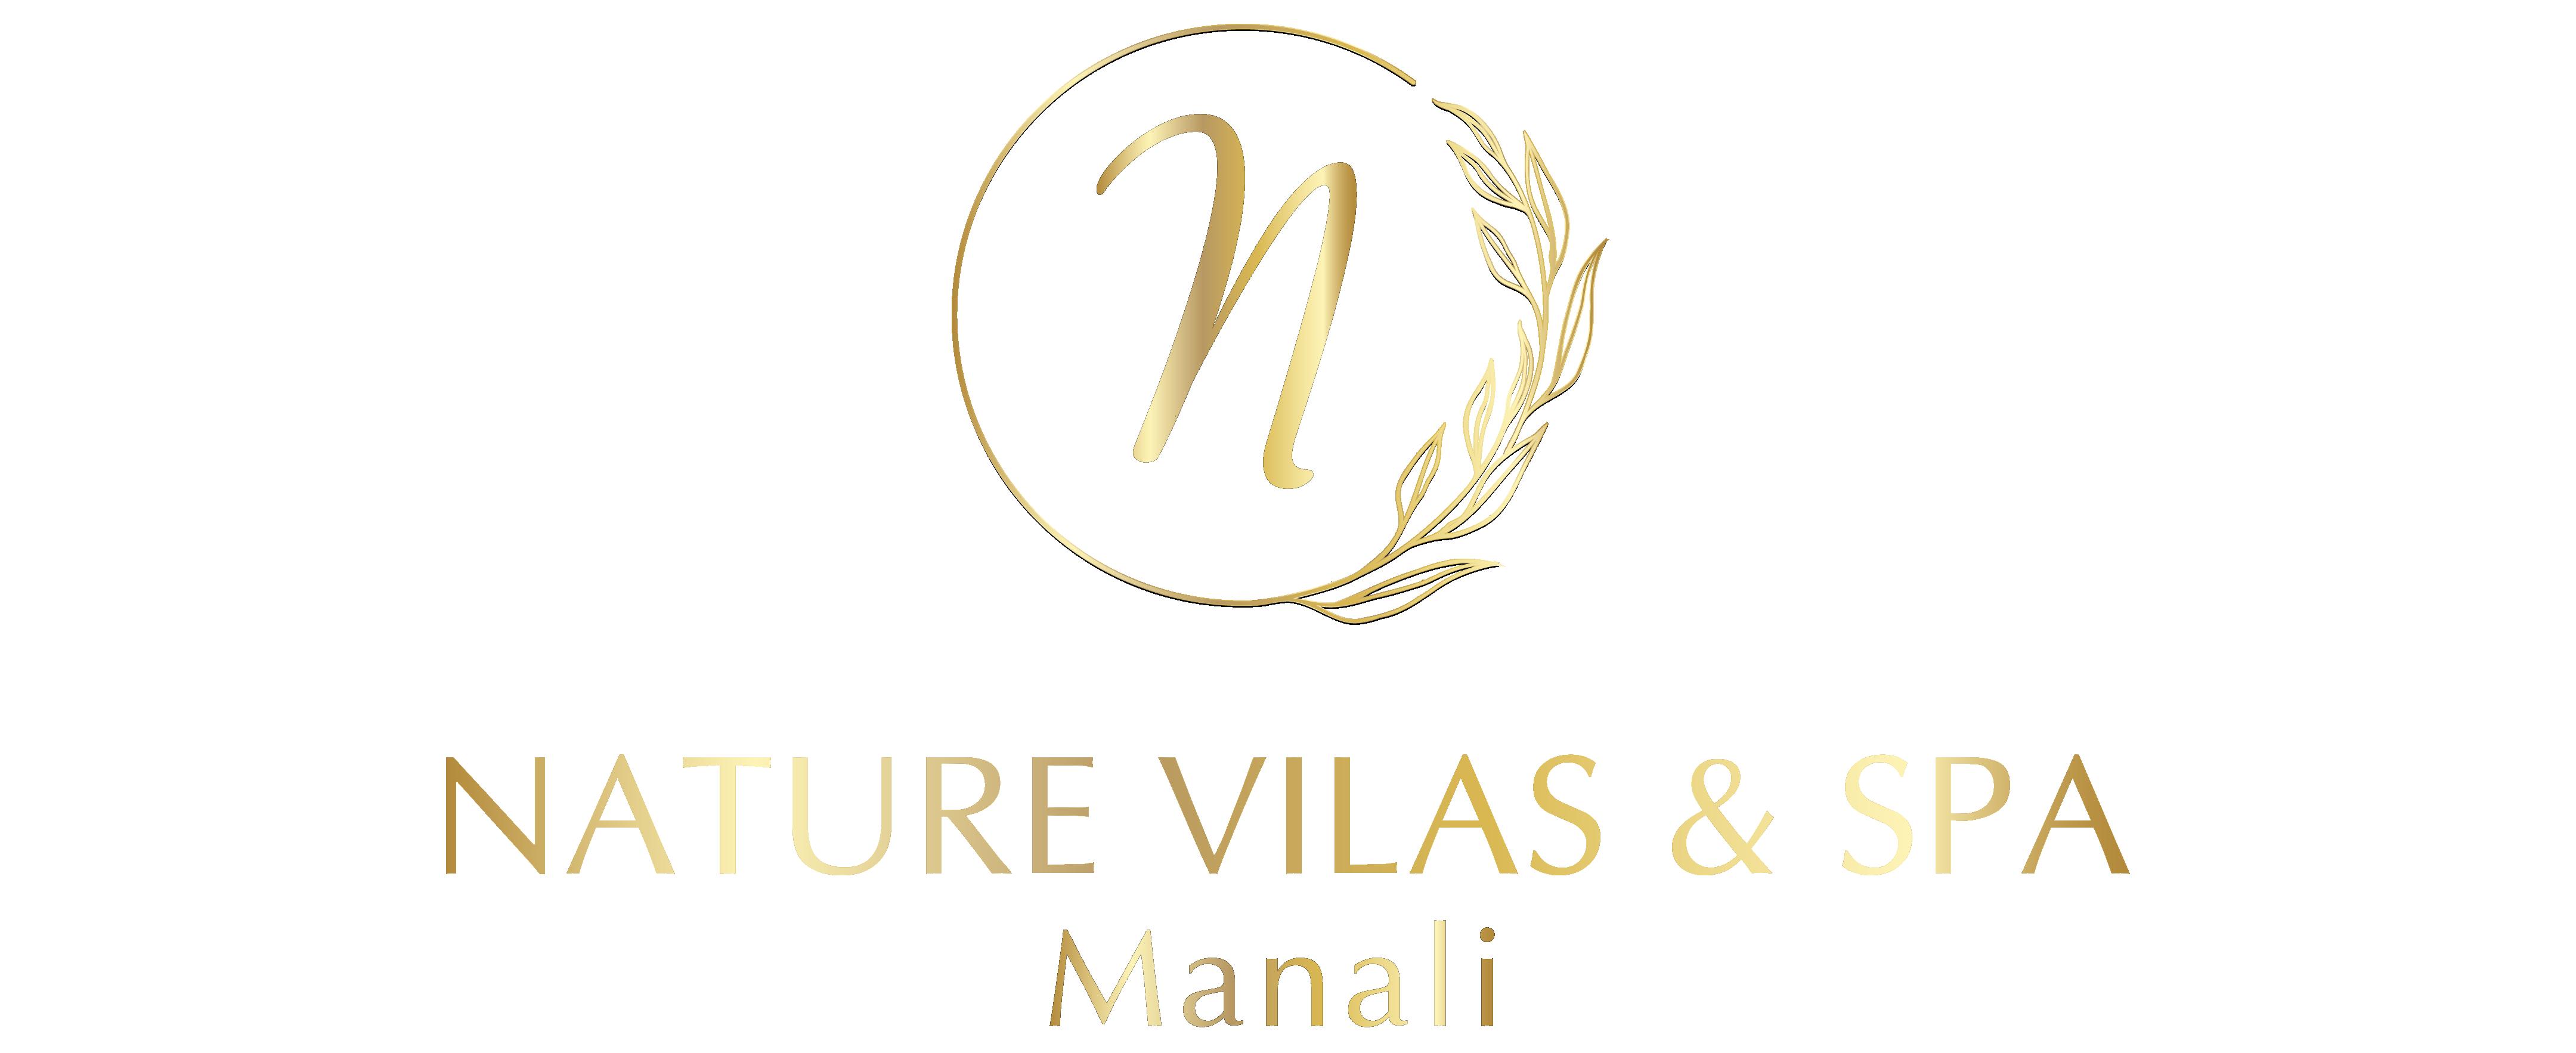 Nature Vilas & Spa